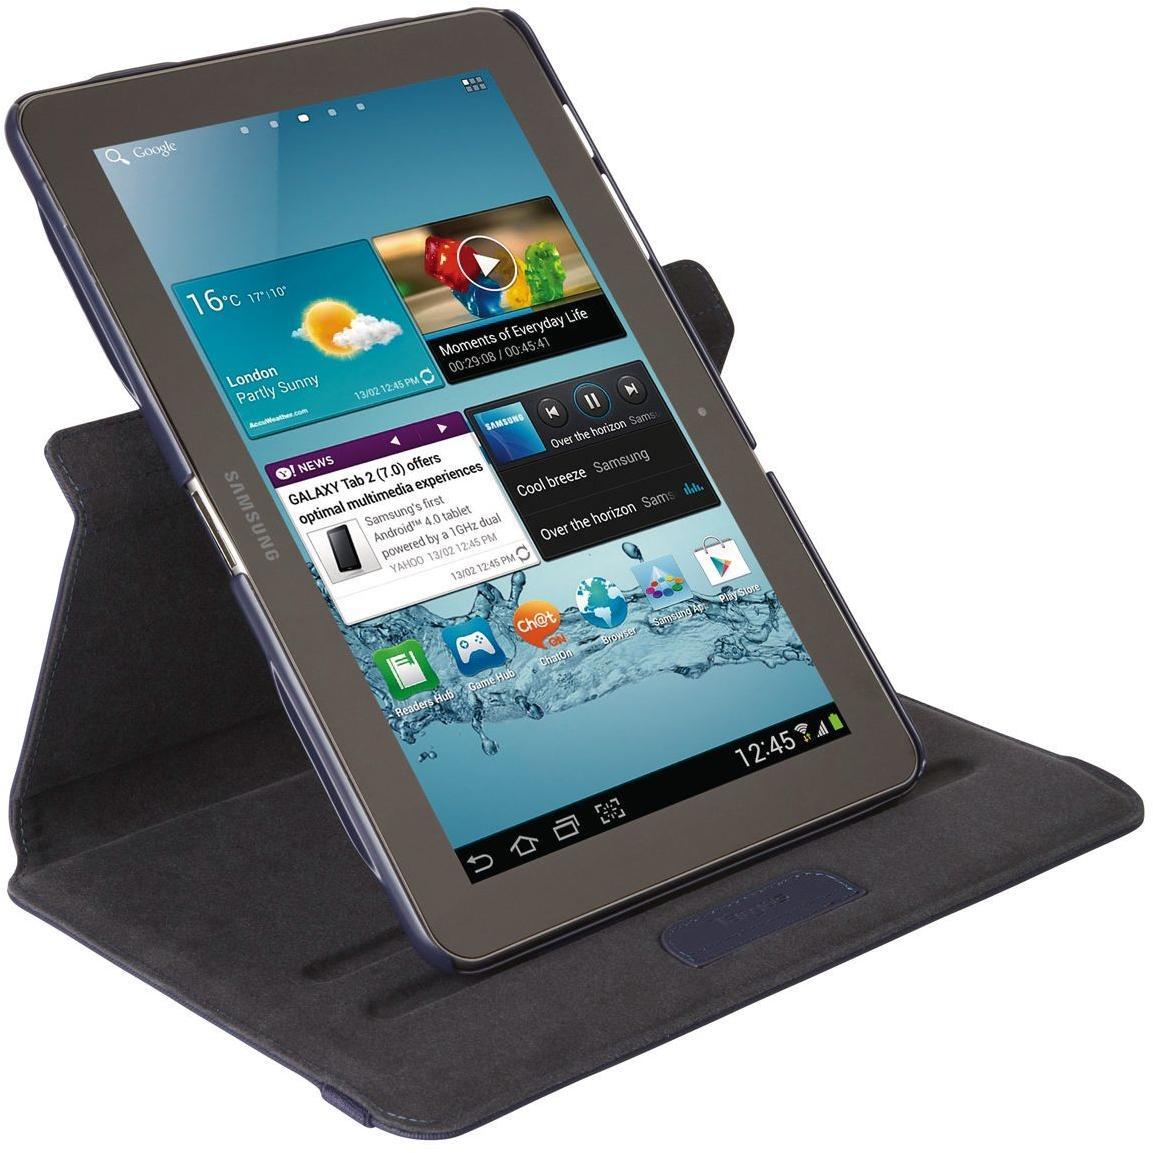 Купить Чехол Targus Versavu для Samsung Galaxy Tab III 10.1 (THZ205EU) фото 2